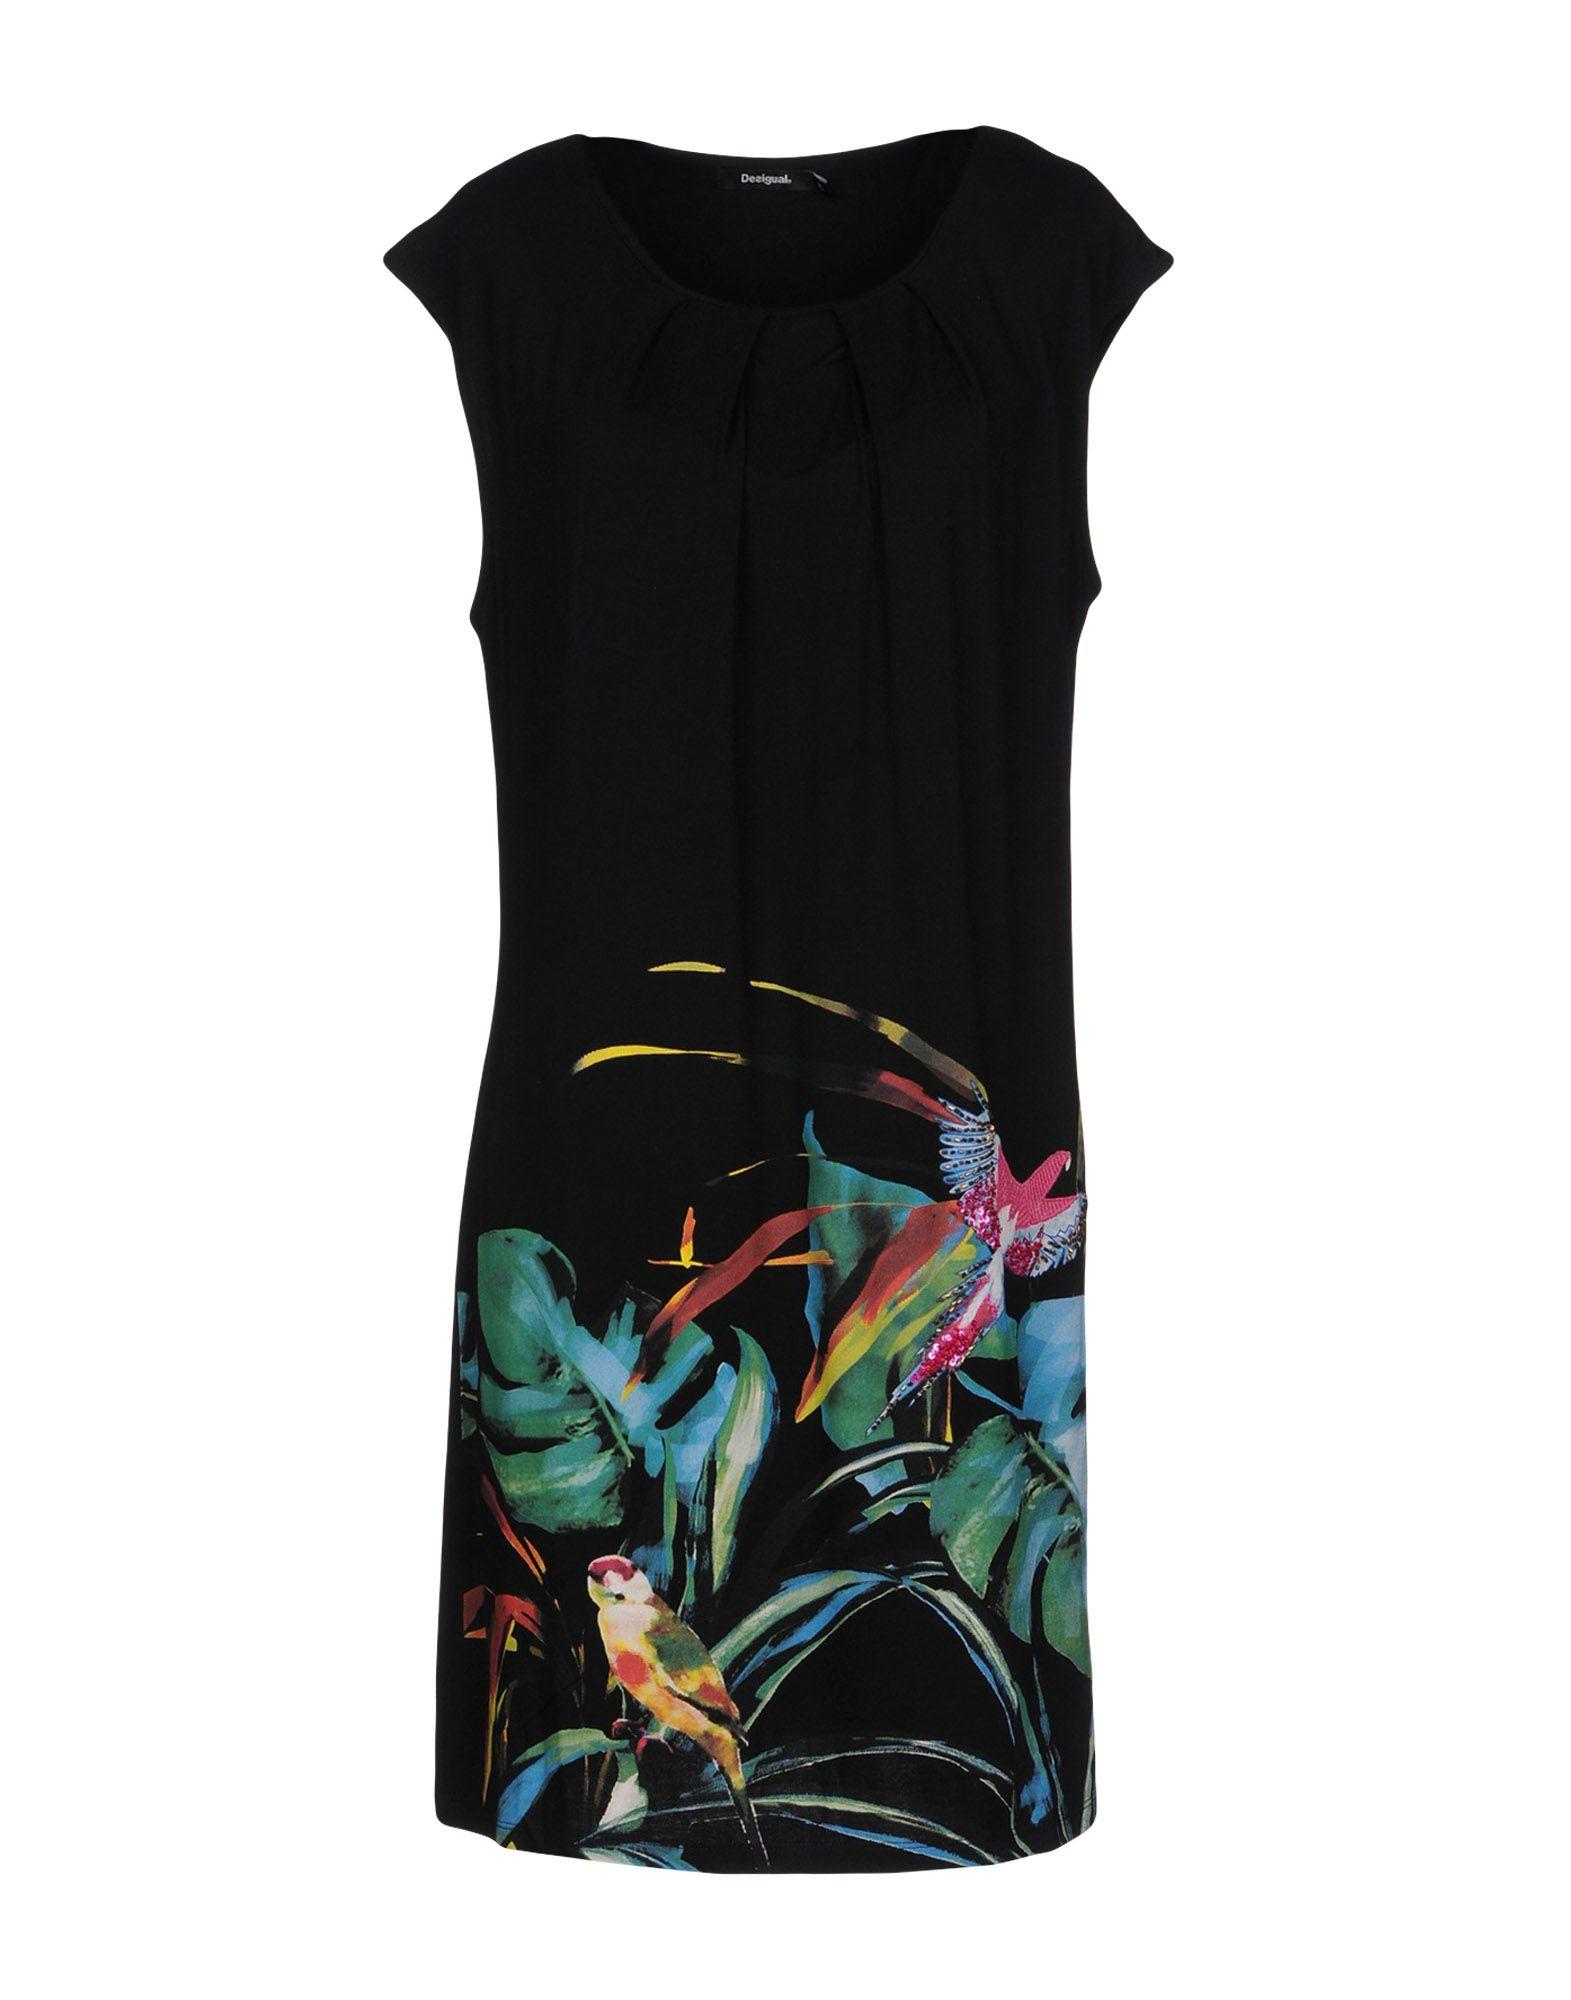 DESIGUAL Короткое платье женское платье hi holiday desigual vestidos femininos vestido 2015 140228